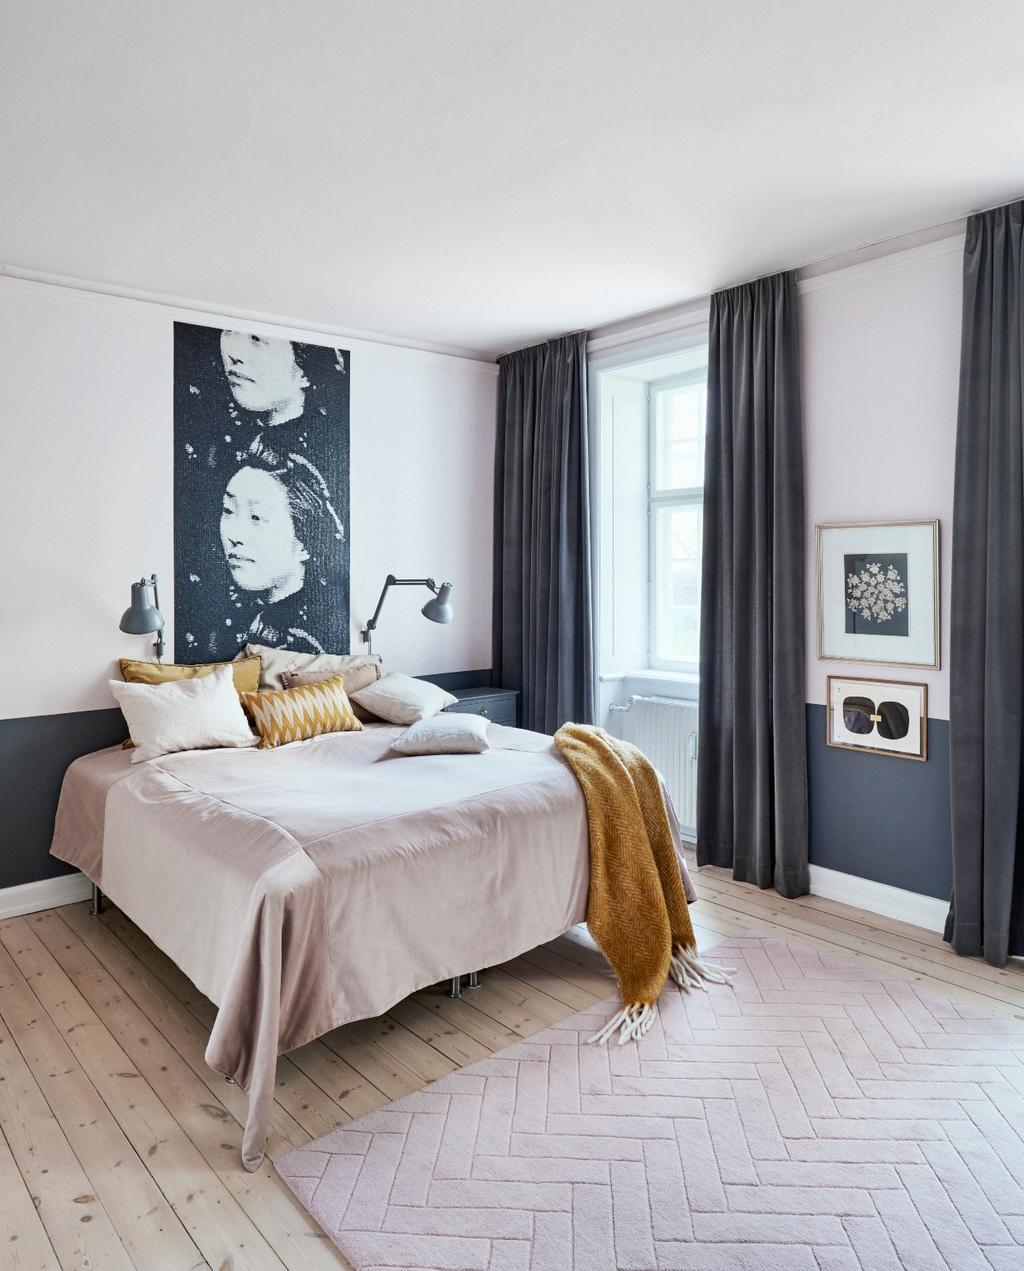 vtwonen 06-2020 | Appartement Kopenhagen slaapamer met gele bedsprei